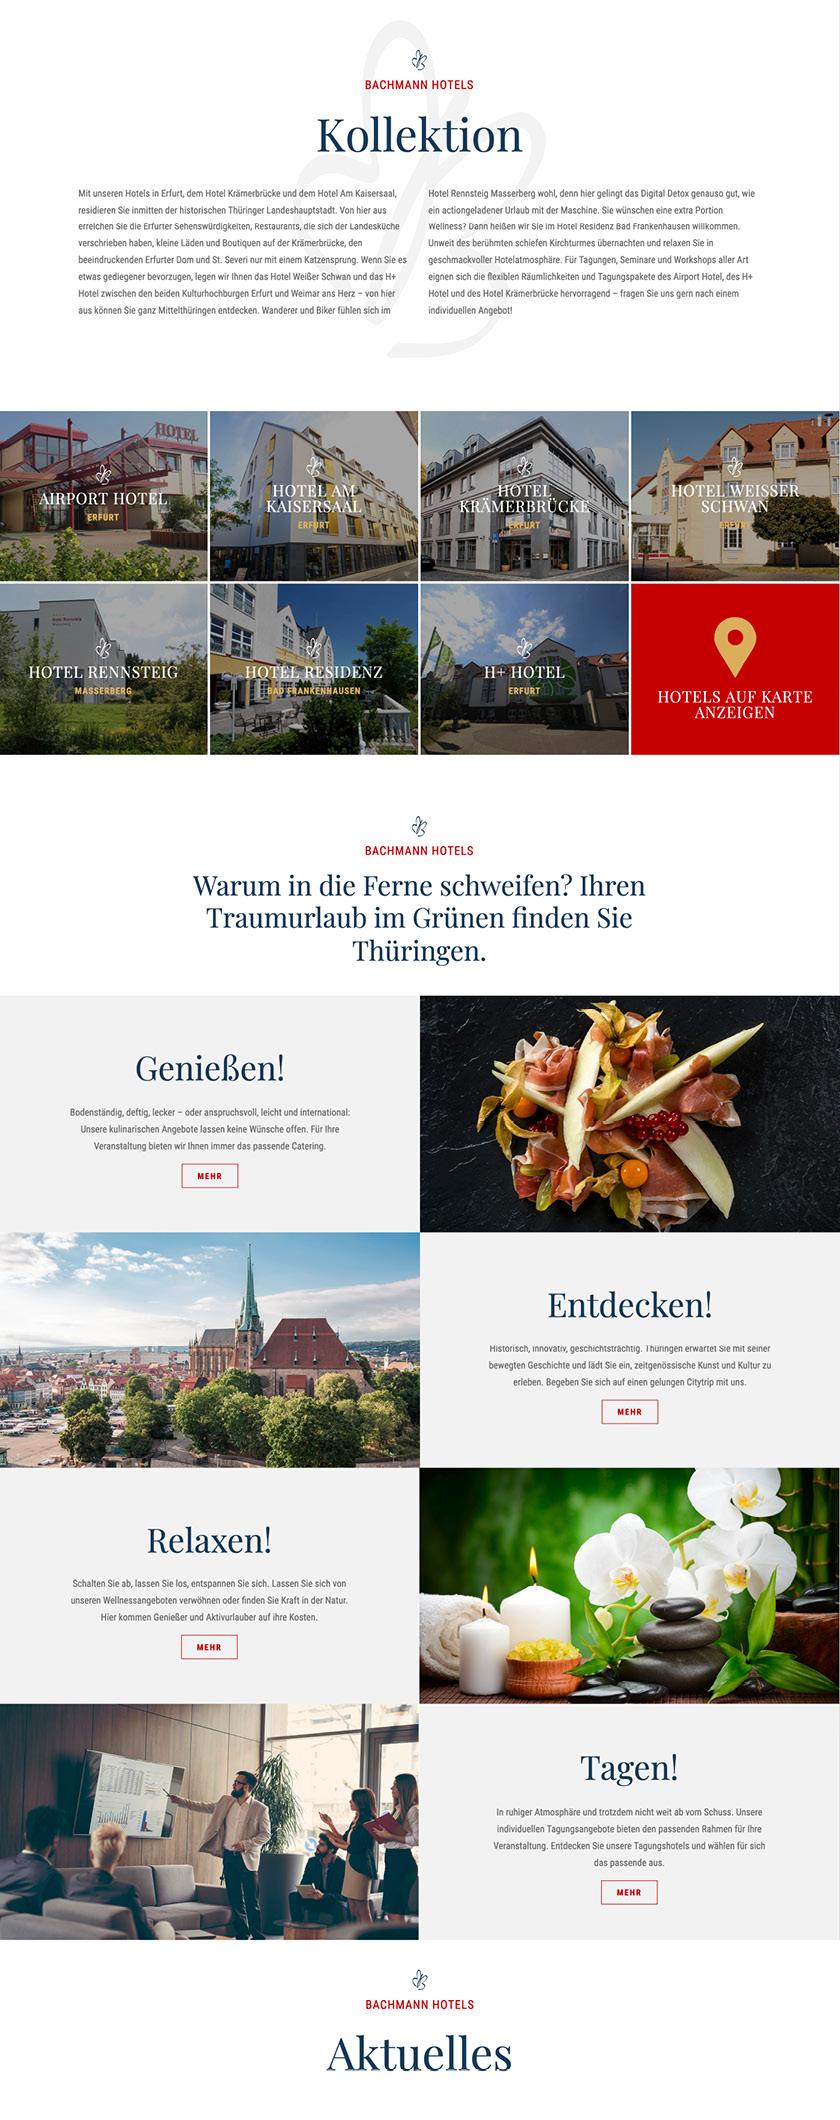 Samt&Seidel_Referenz_BachmannHotels_Website_03